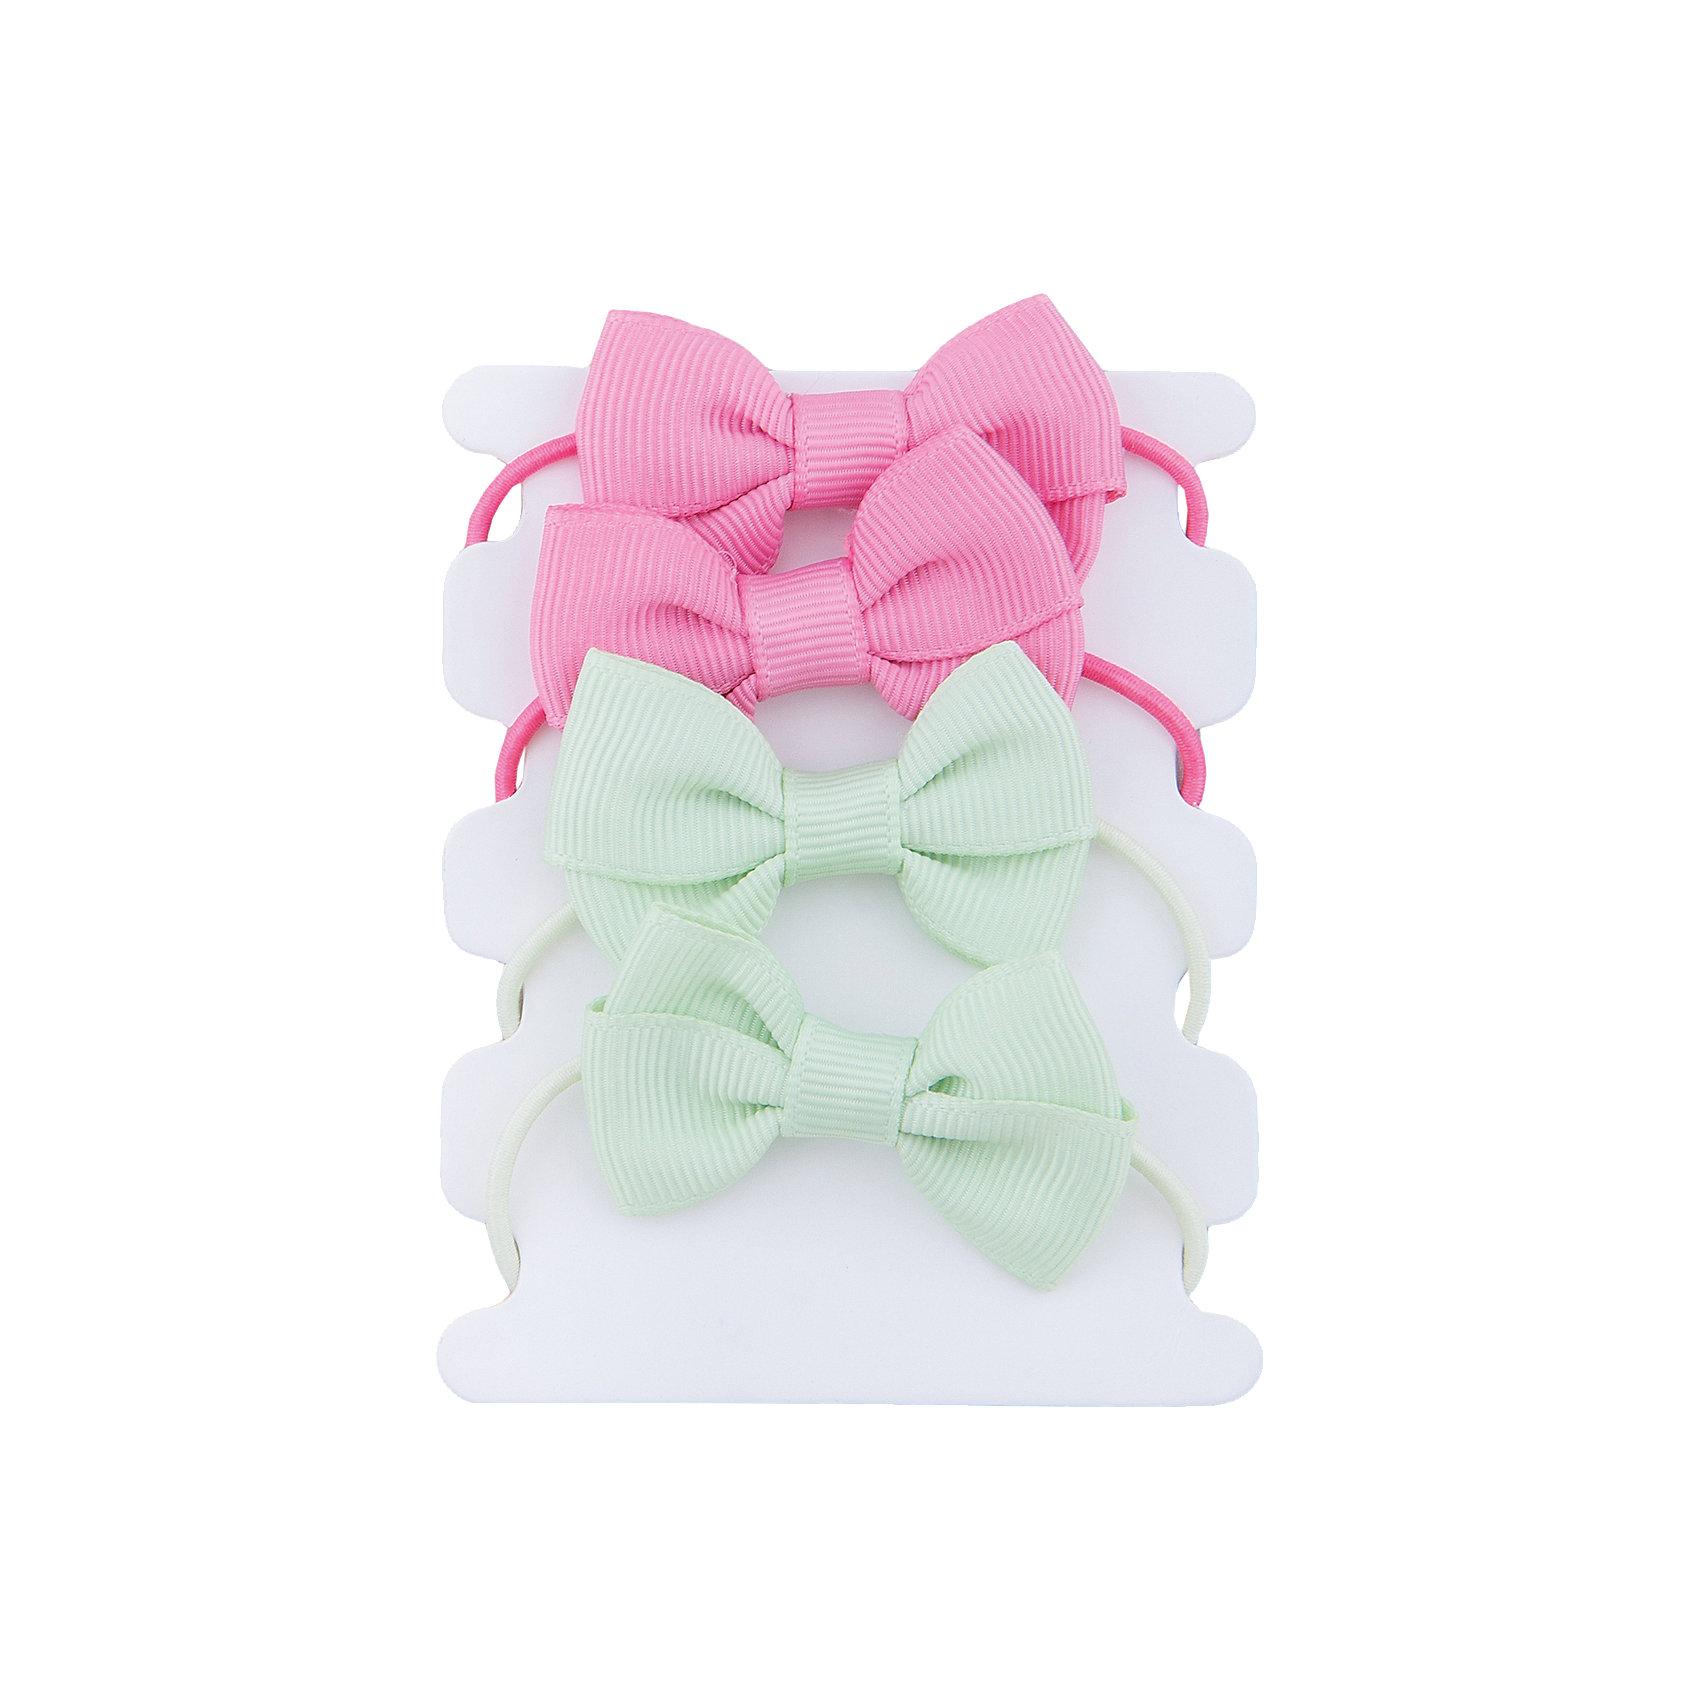 Резинки для волос для девочки PlayTodayРезинки для волос для девочки PlayToday<br>Эти яркие резинки обязательно понравятся Вашей моднице! Они позволят убрать непослушные волосы и украсить прическу. Надежно держатся.  Дополнены бантиками в цвета резинок<br>Состав:<br>95% полиэстер, 5% эластан<br><br>Ширина мм: 170<br>Глубина мм: 157<br>Высота мм: 67<br>Вес г: 117<br>Цвет: разноцветный<br>Возраст от месяцев: 60<br>Возраст до месяцев: 144<br>Пол: Женский<br>Возраст: Детский<br>Размер: one size<br>SKU: 5405000